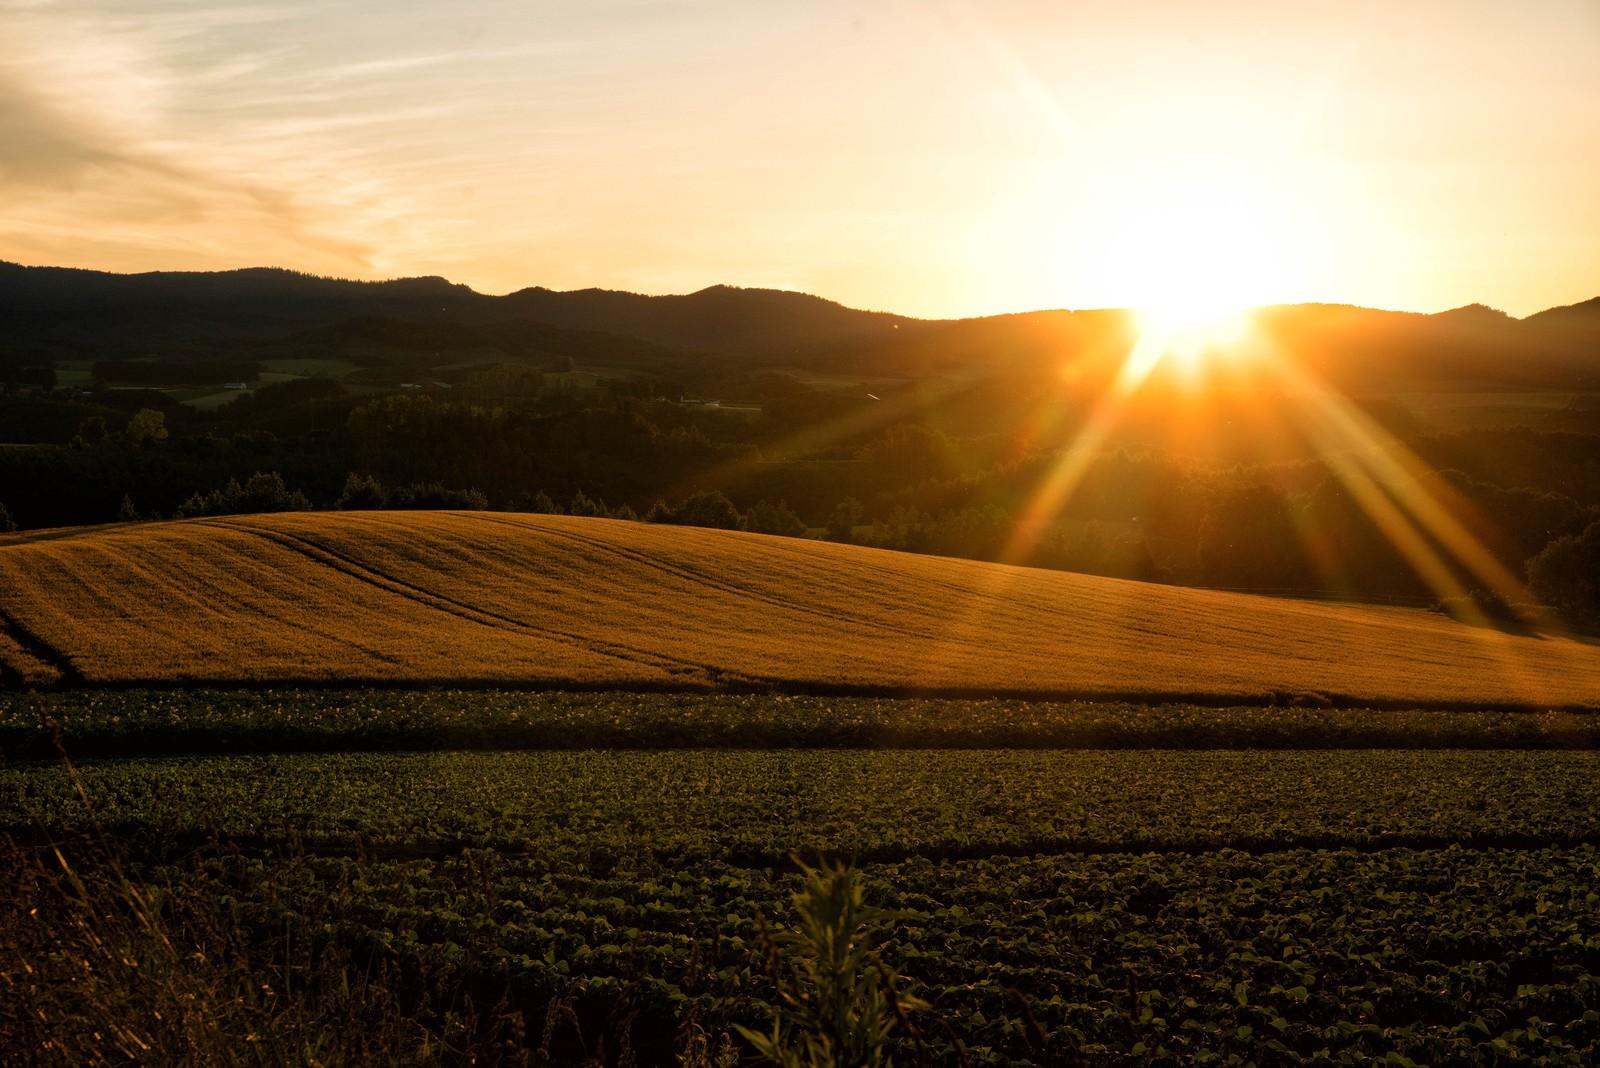 「富良野の畑から見える夕日」の写真